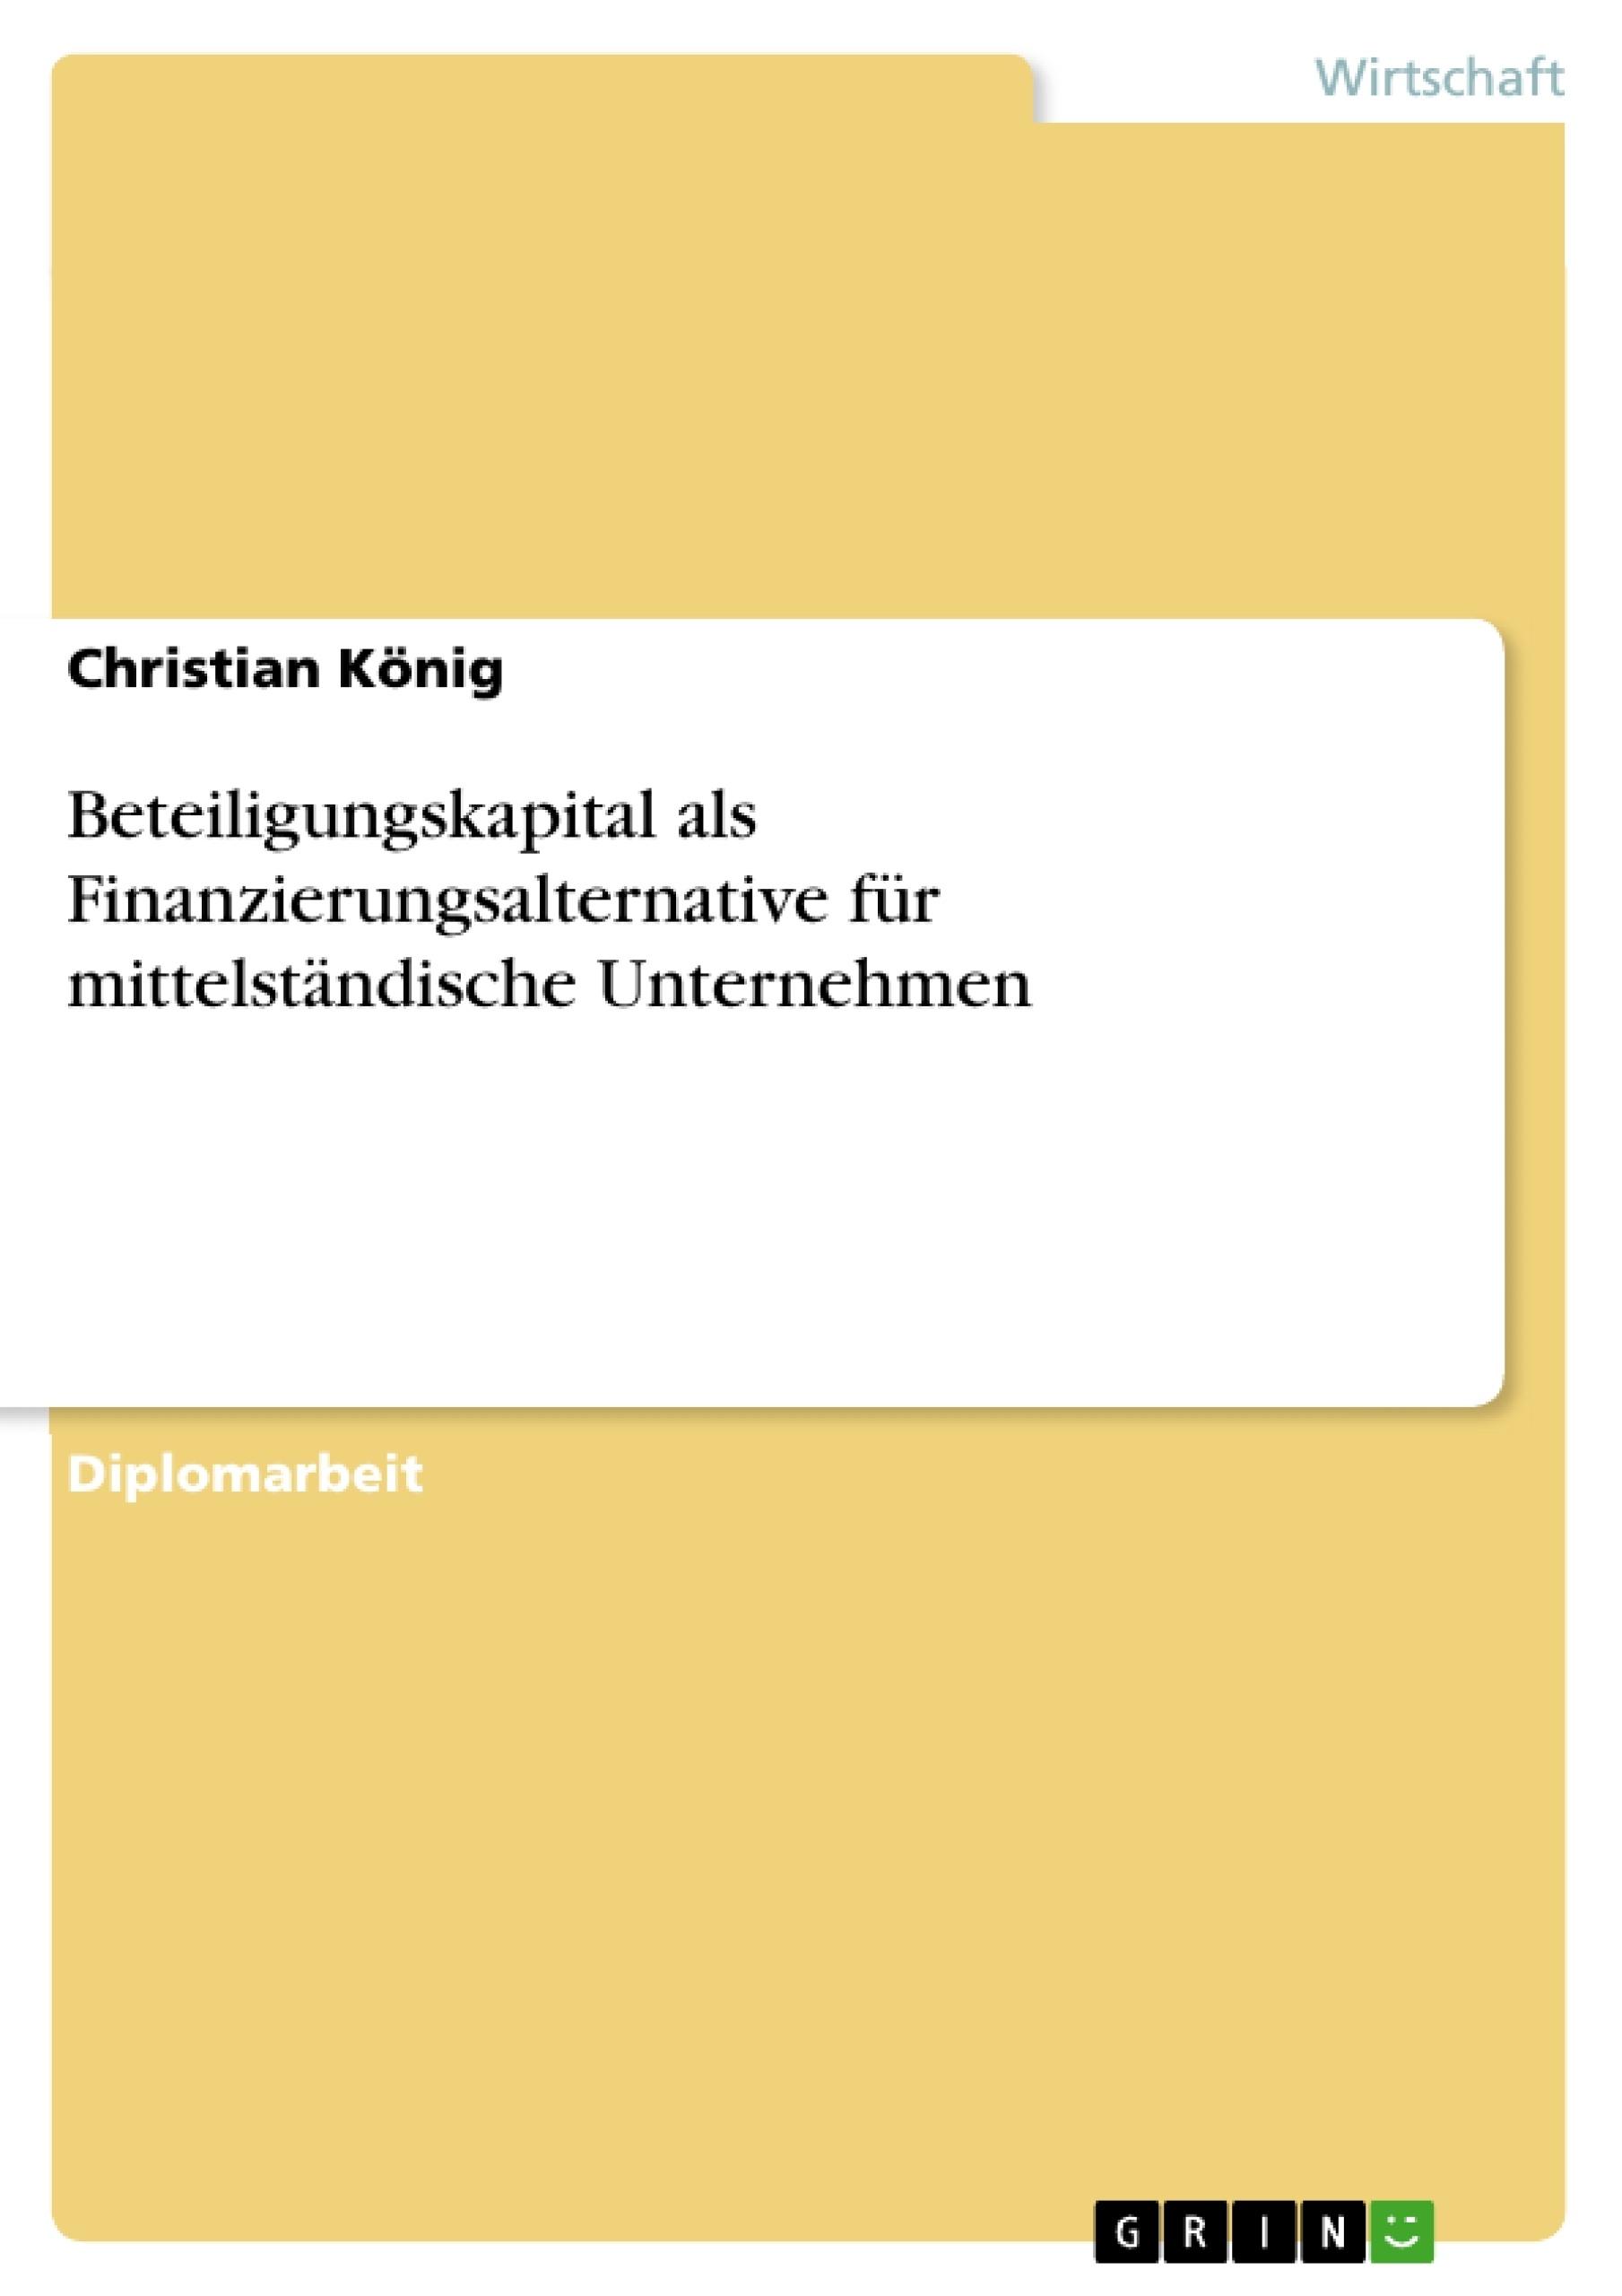 Titel: Beteiligungskapital als Finanzierungsalternative für mittelständische Unternehmen